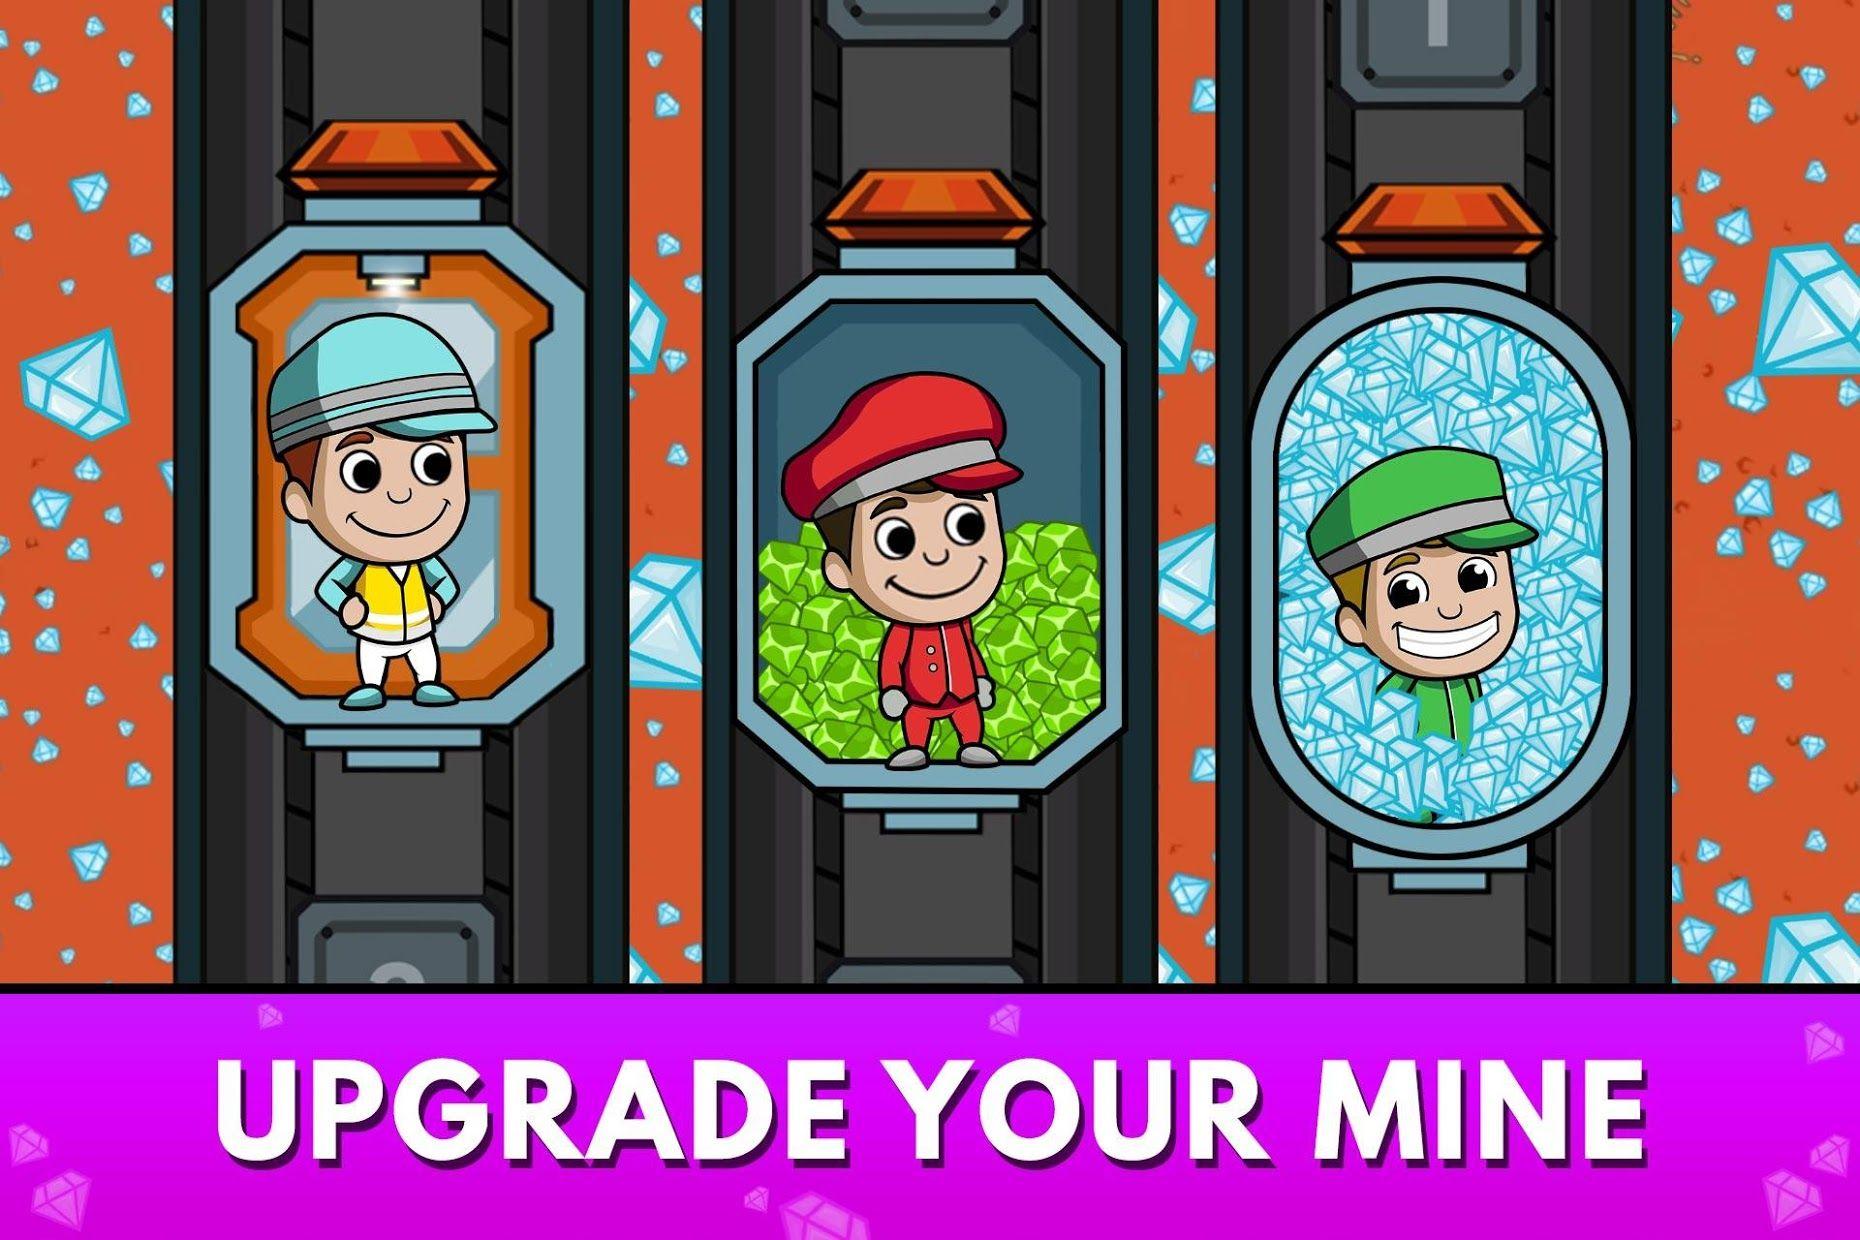 采矿大亨:掘金之旅 (Idle Miner Tycoon) 游戏截图1